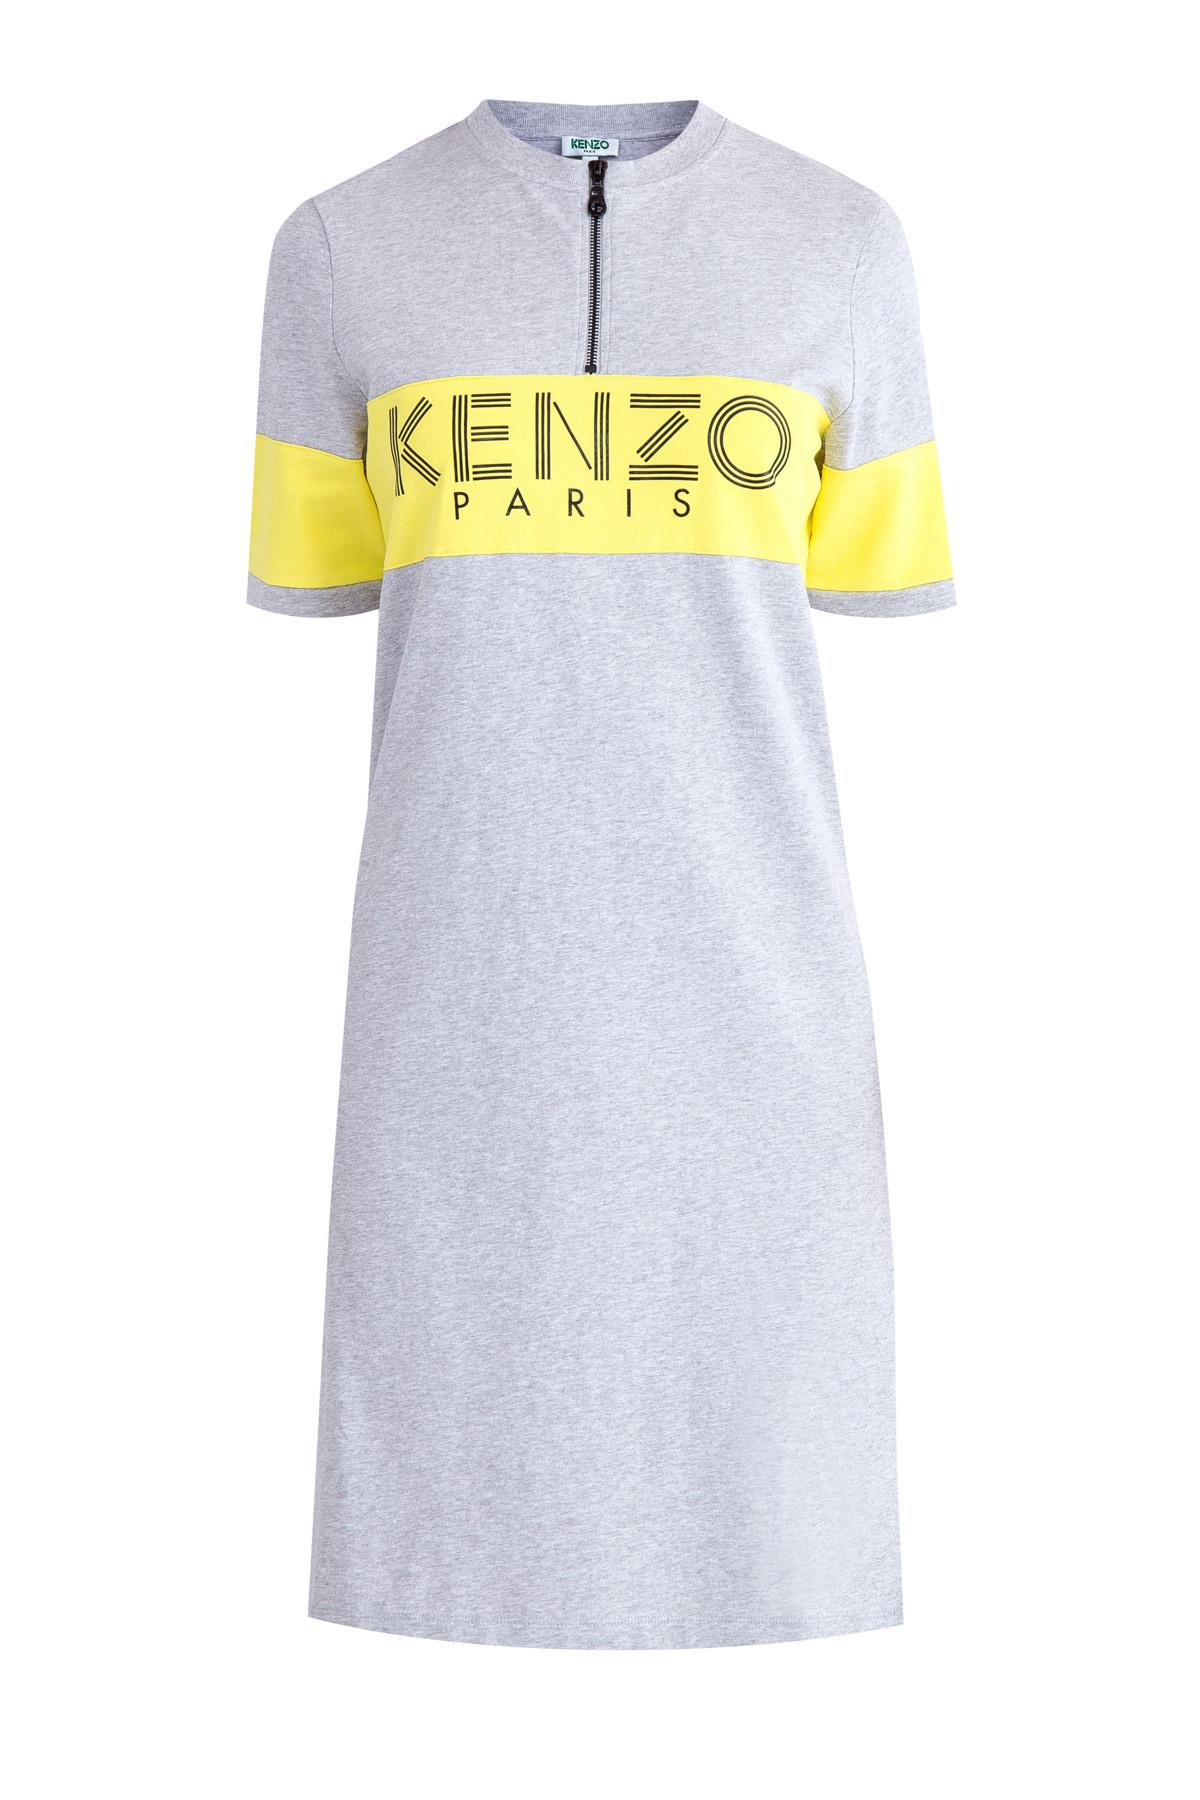 Купить Платье, KENZO, Франция, хлопок 100%